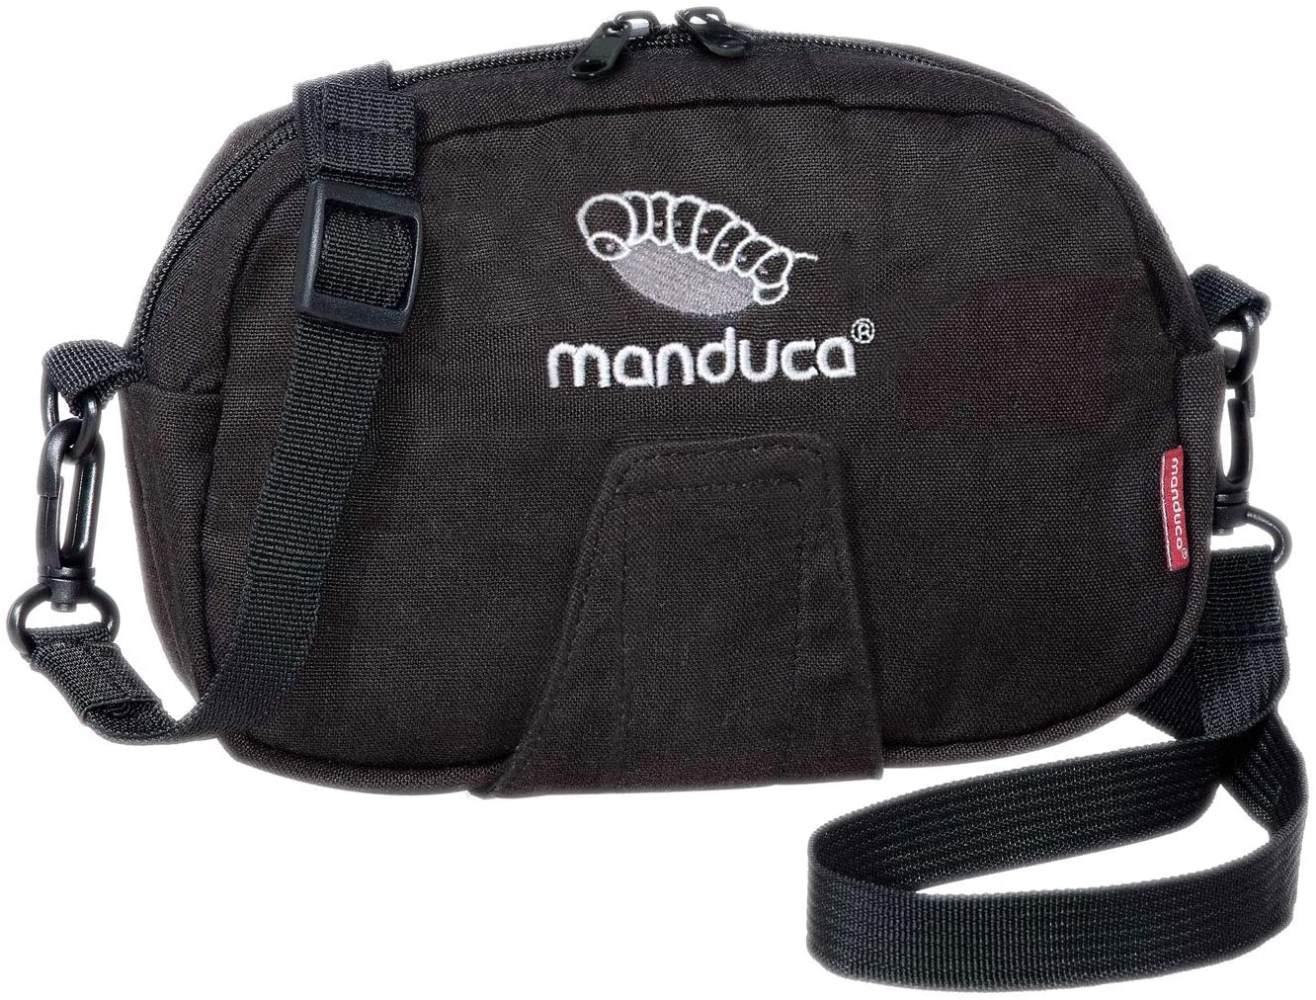 manduca Pouch - Gürteltasche, Hüfttasche, Bauch- & Umhängetasche (Black/schwarz, HempCotton) Bild 1